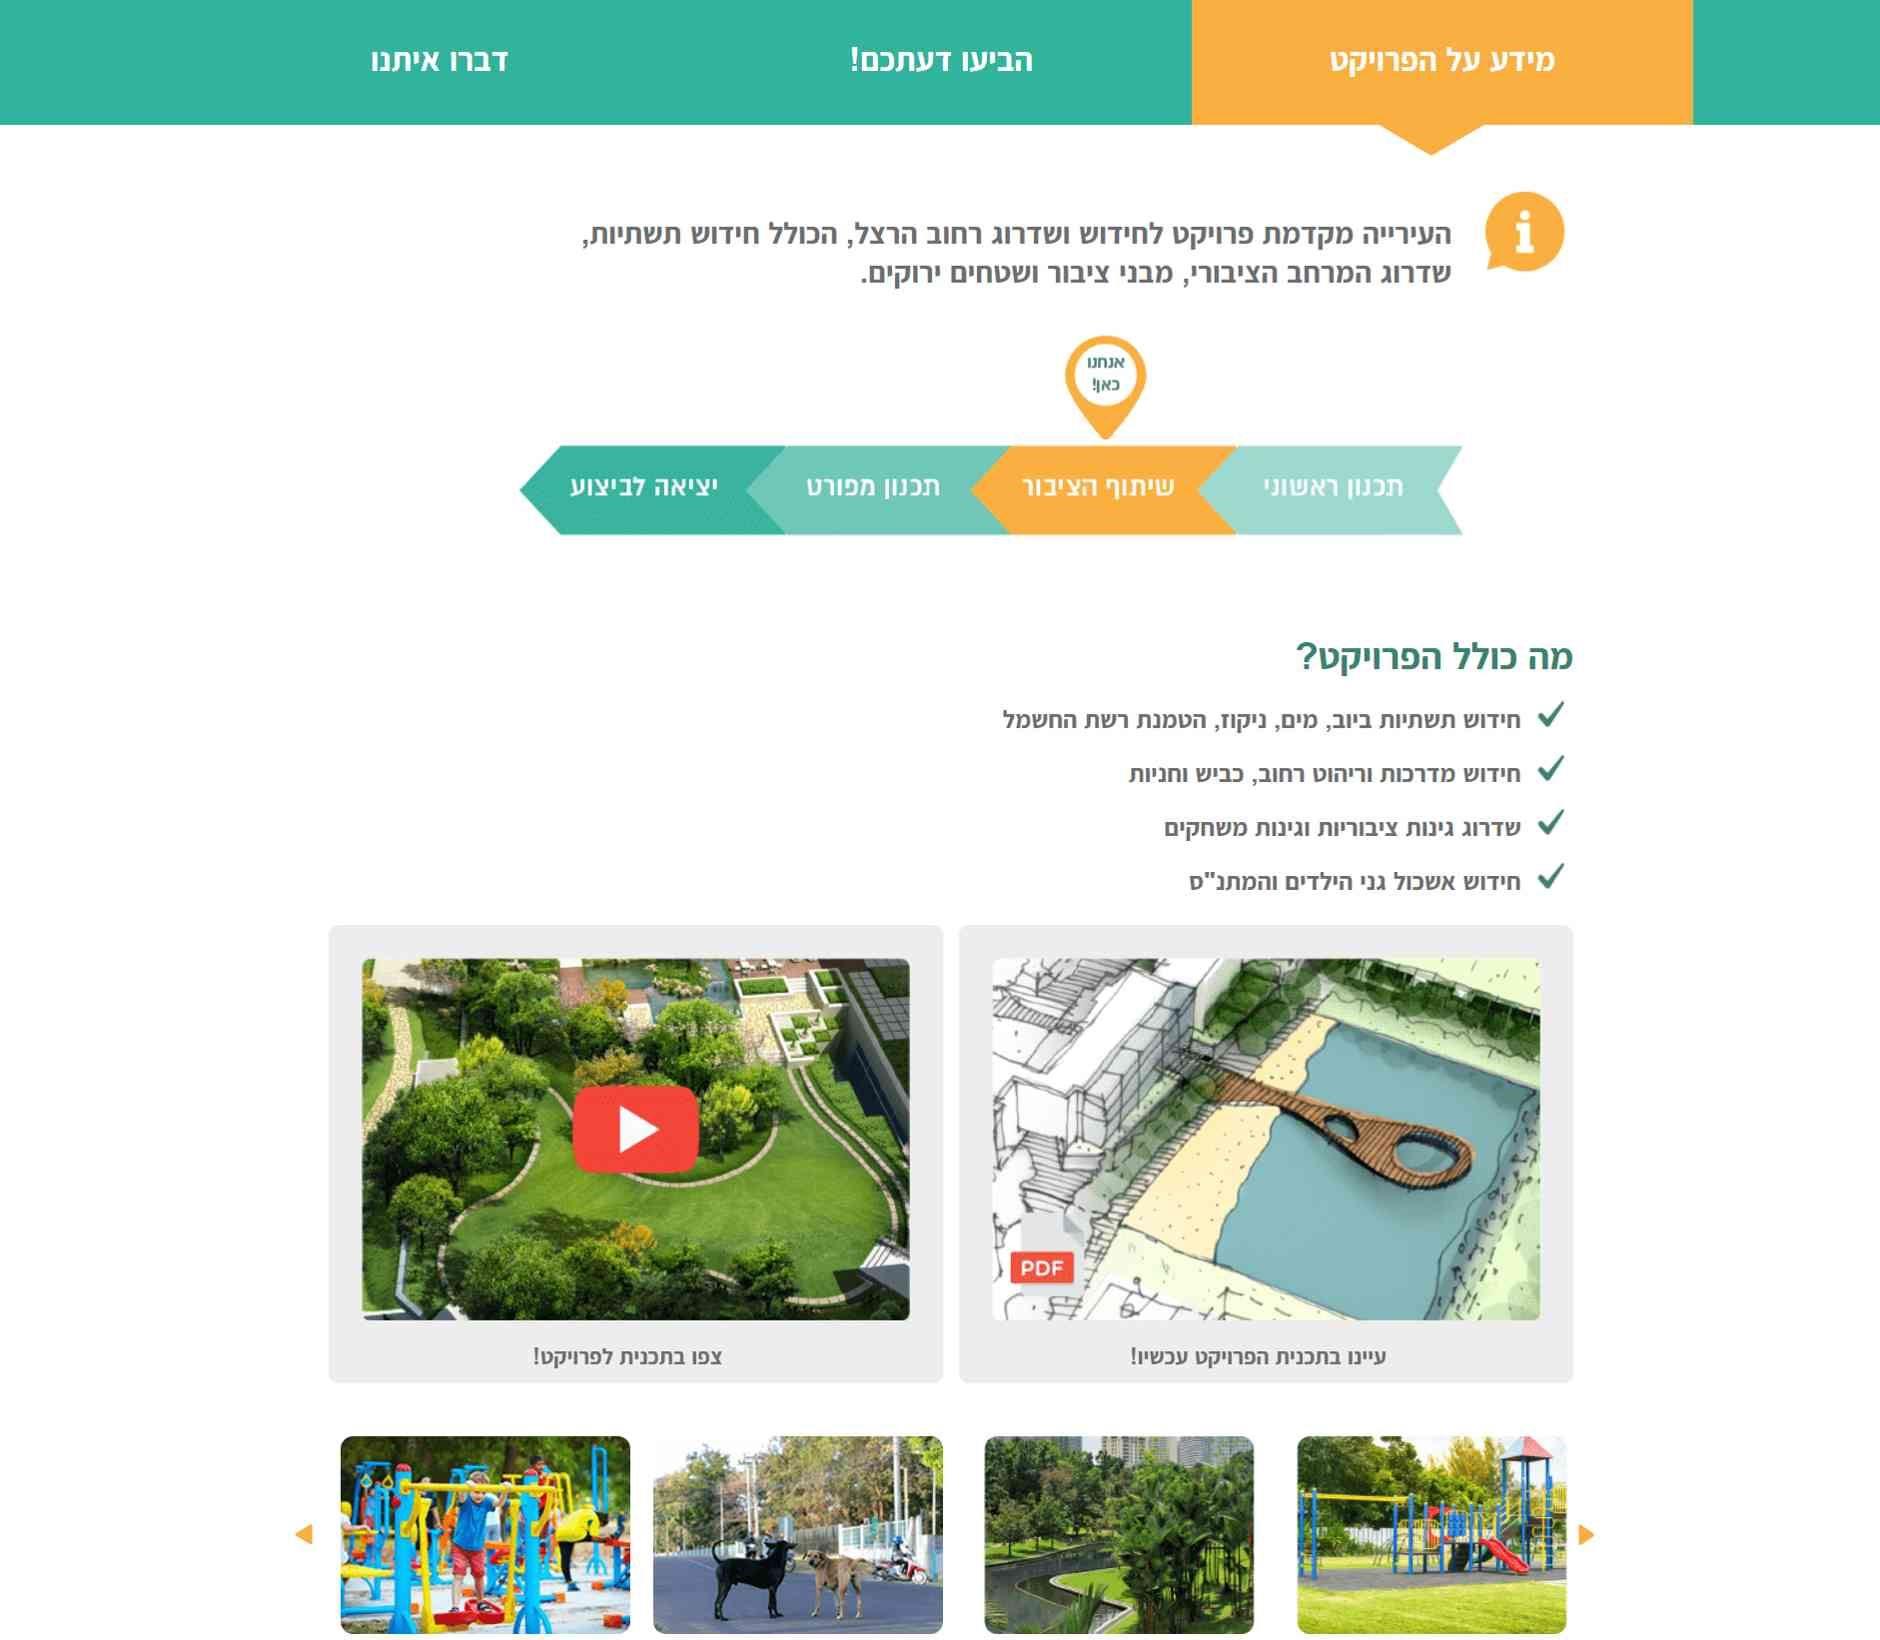 מידע על פרויקט